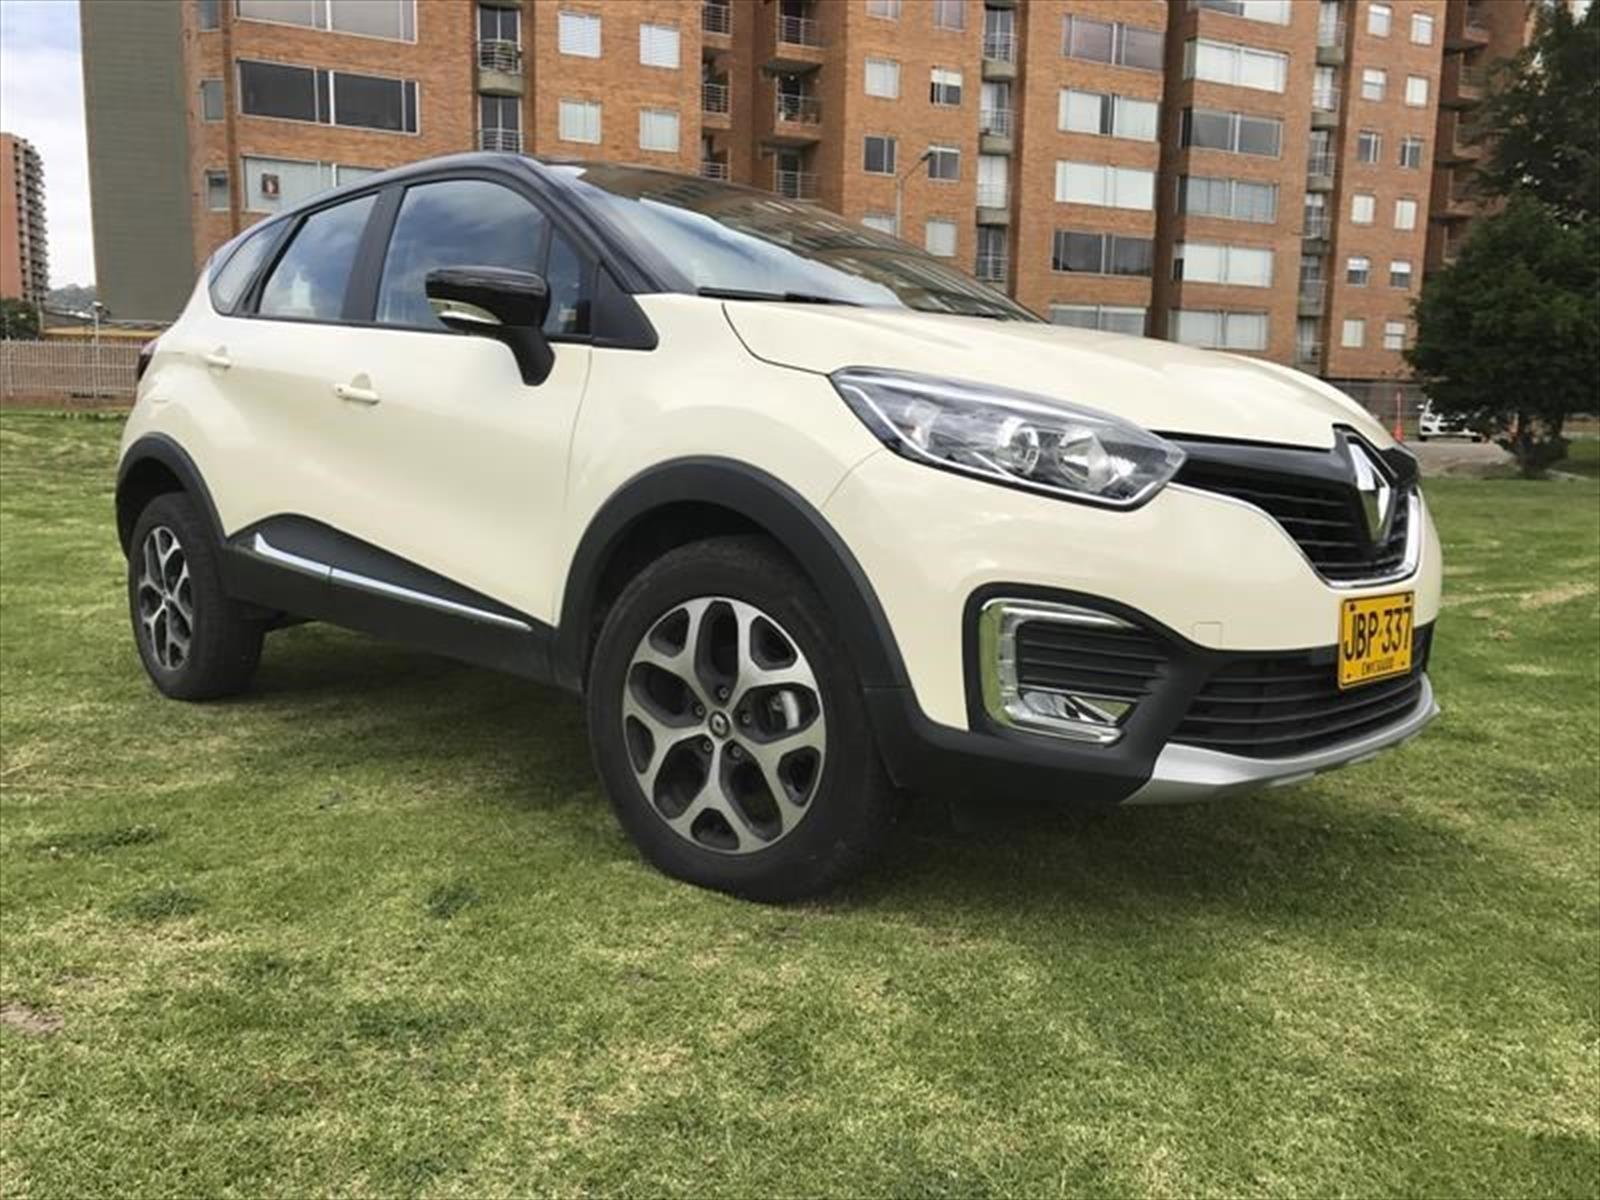 El Grupo Renault-Nissan, junto a Mitsubishi, es el mayor conglomerado automotriz de 2017